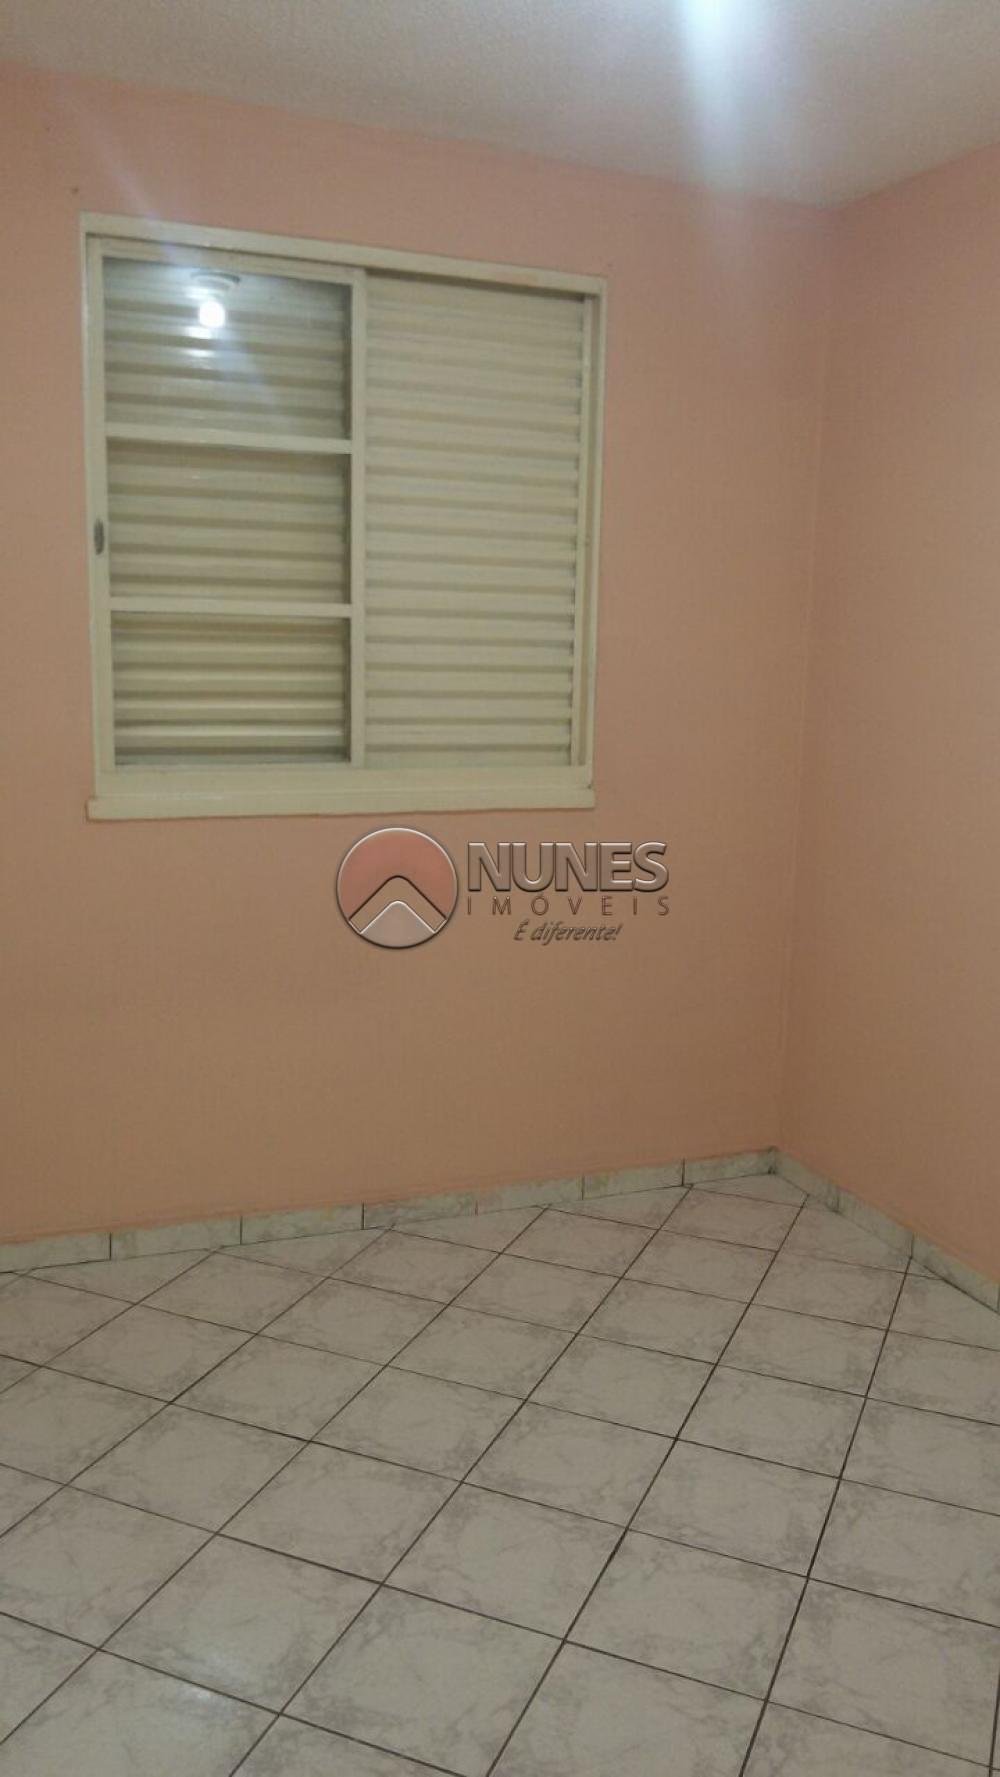 Comprar Apartamento / Padrão em Osasco apenas R$ 210.000,00 - Foto 11